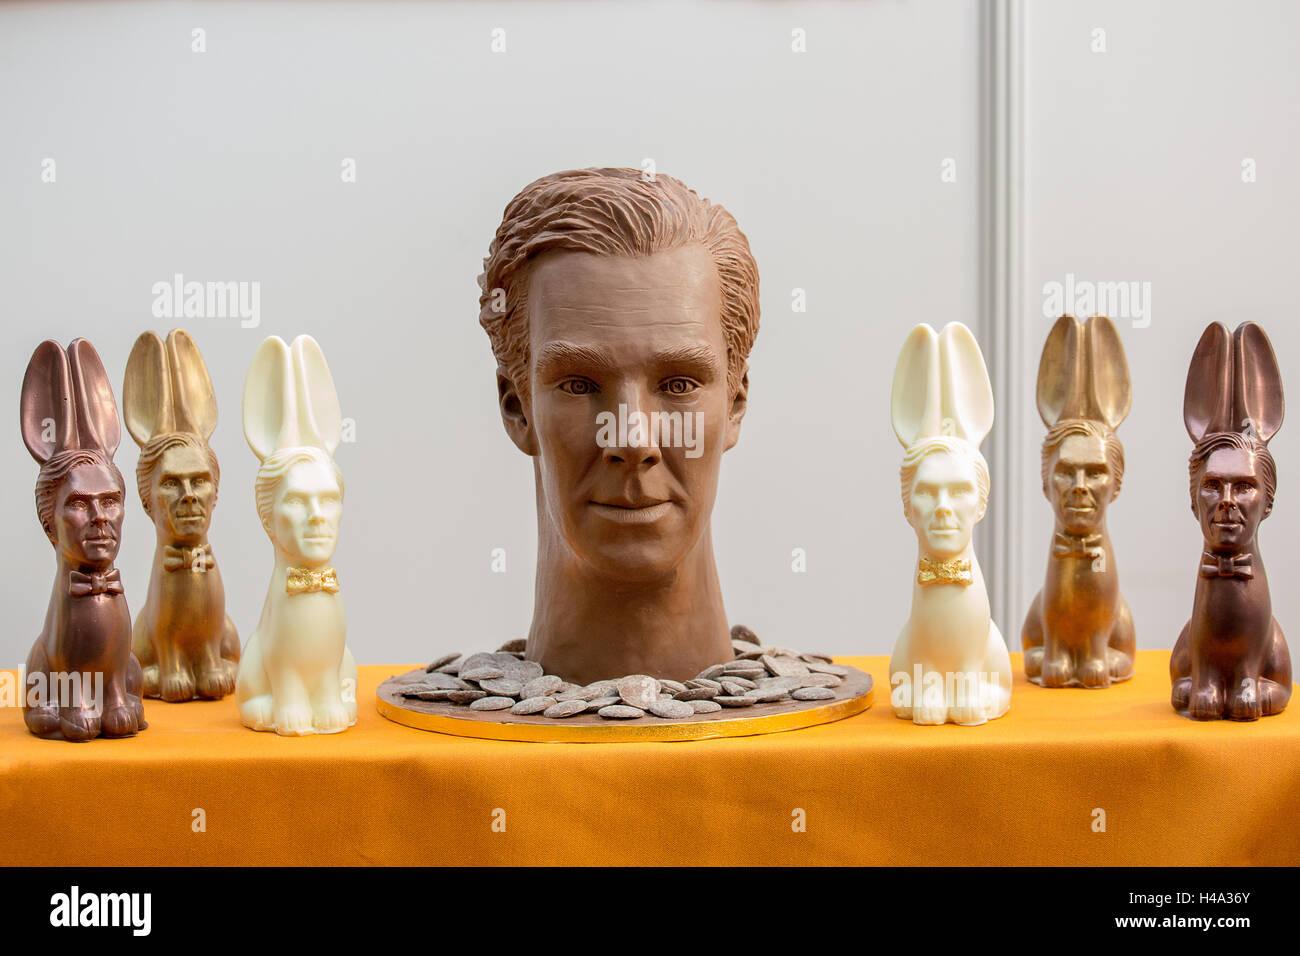 Sculpture de chocolat.Le Salon du Chocolat a lieu à Olympia Londres, Royaume-Uni du 14 au 16 octobre 2016, Photo Stock